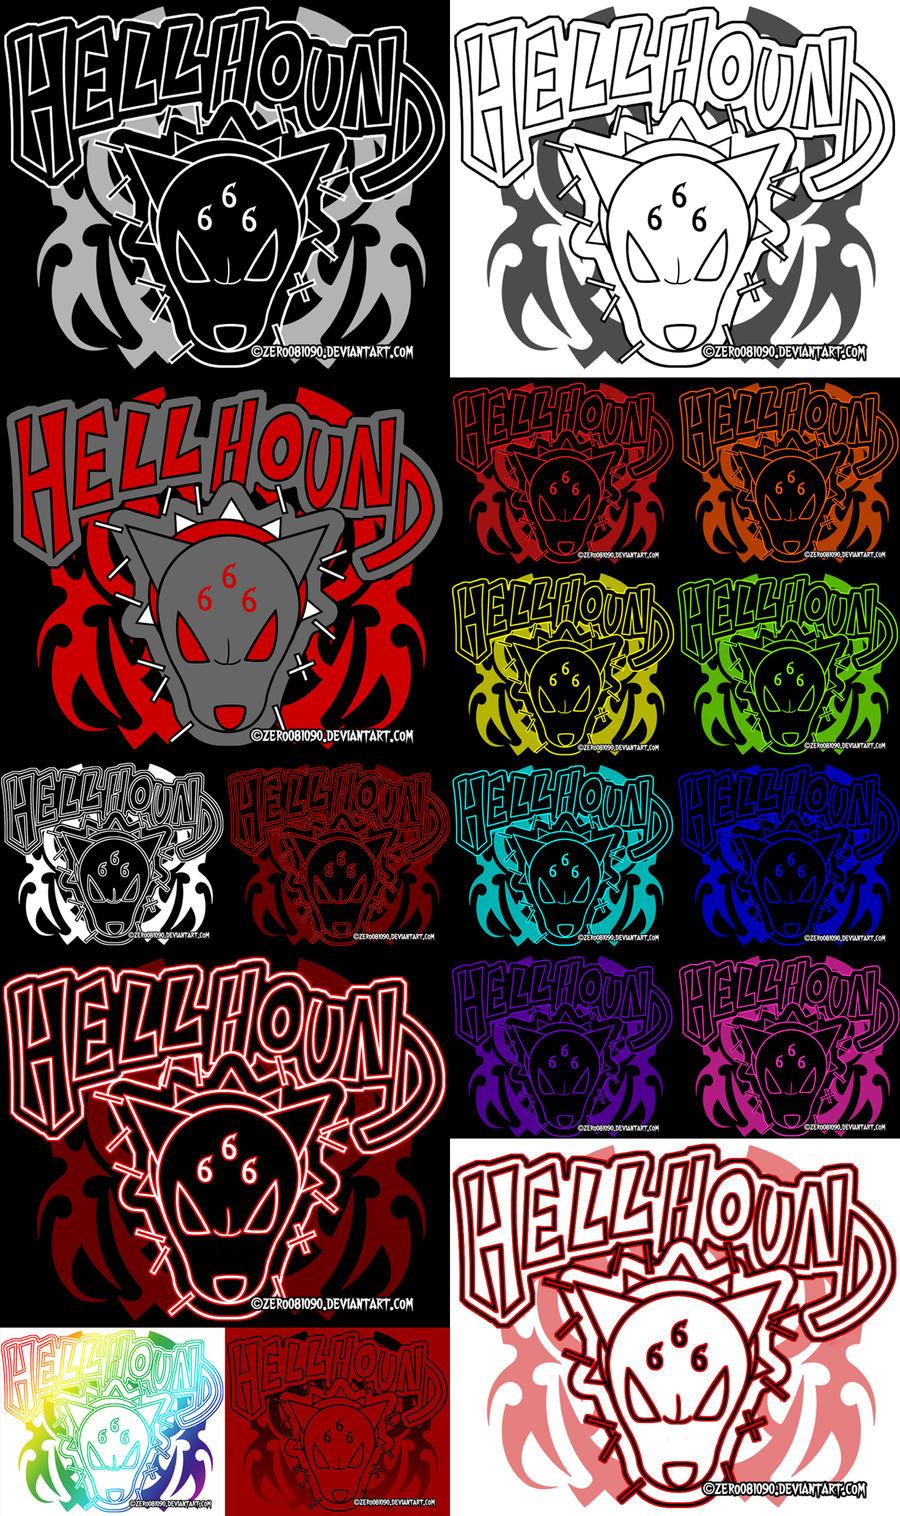 hellhound - variations by zero0810